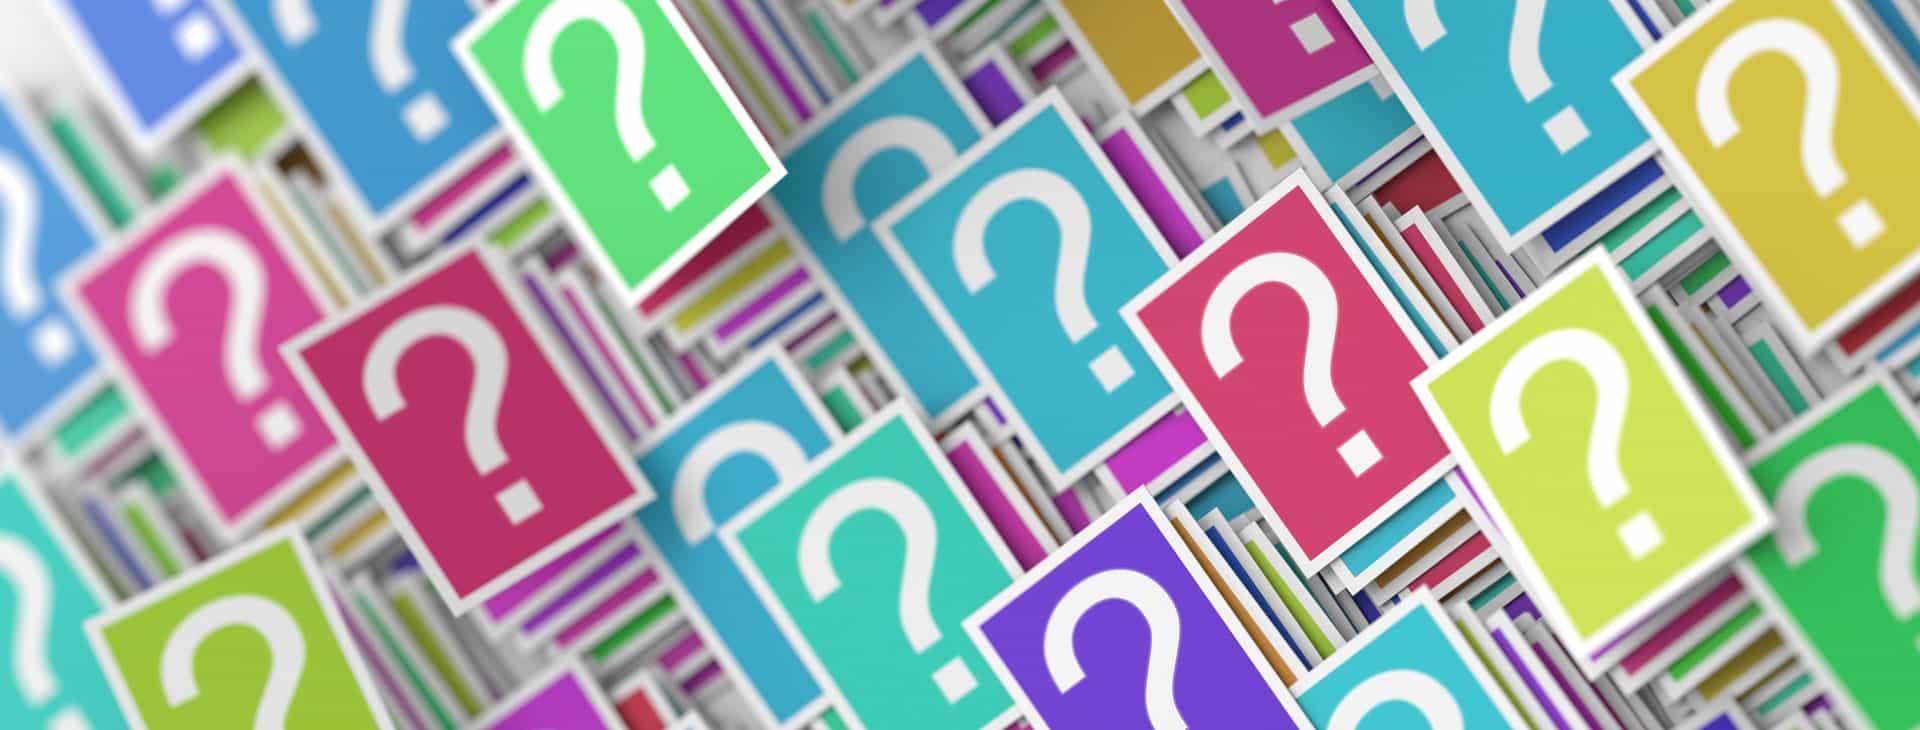 Häufige Fragen Antworten